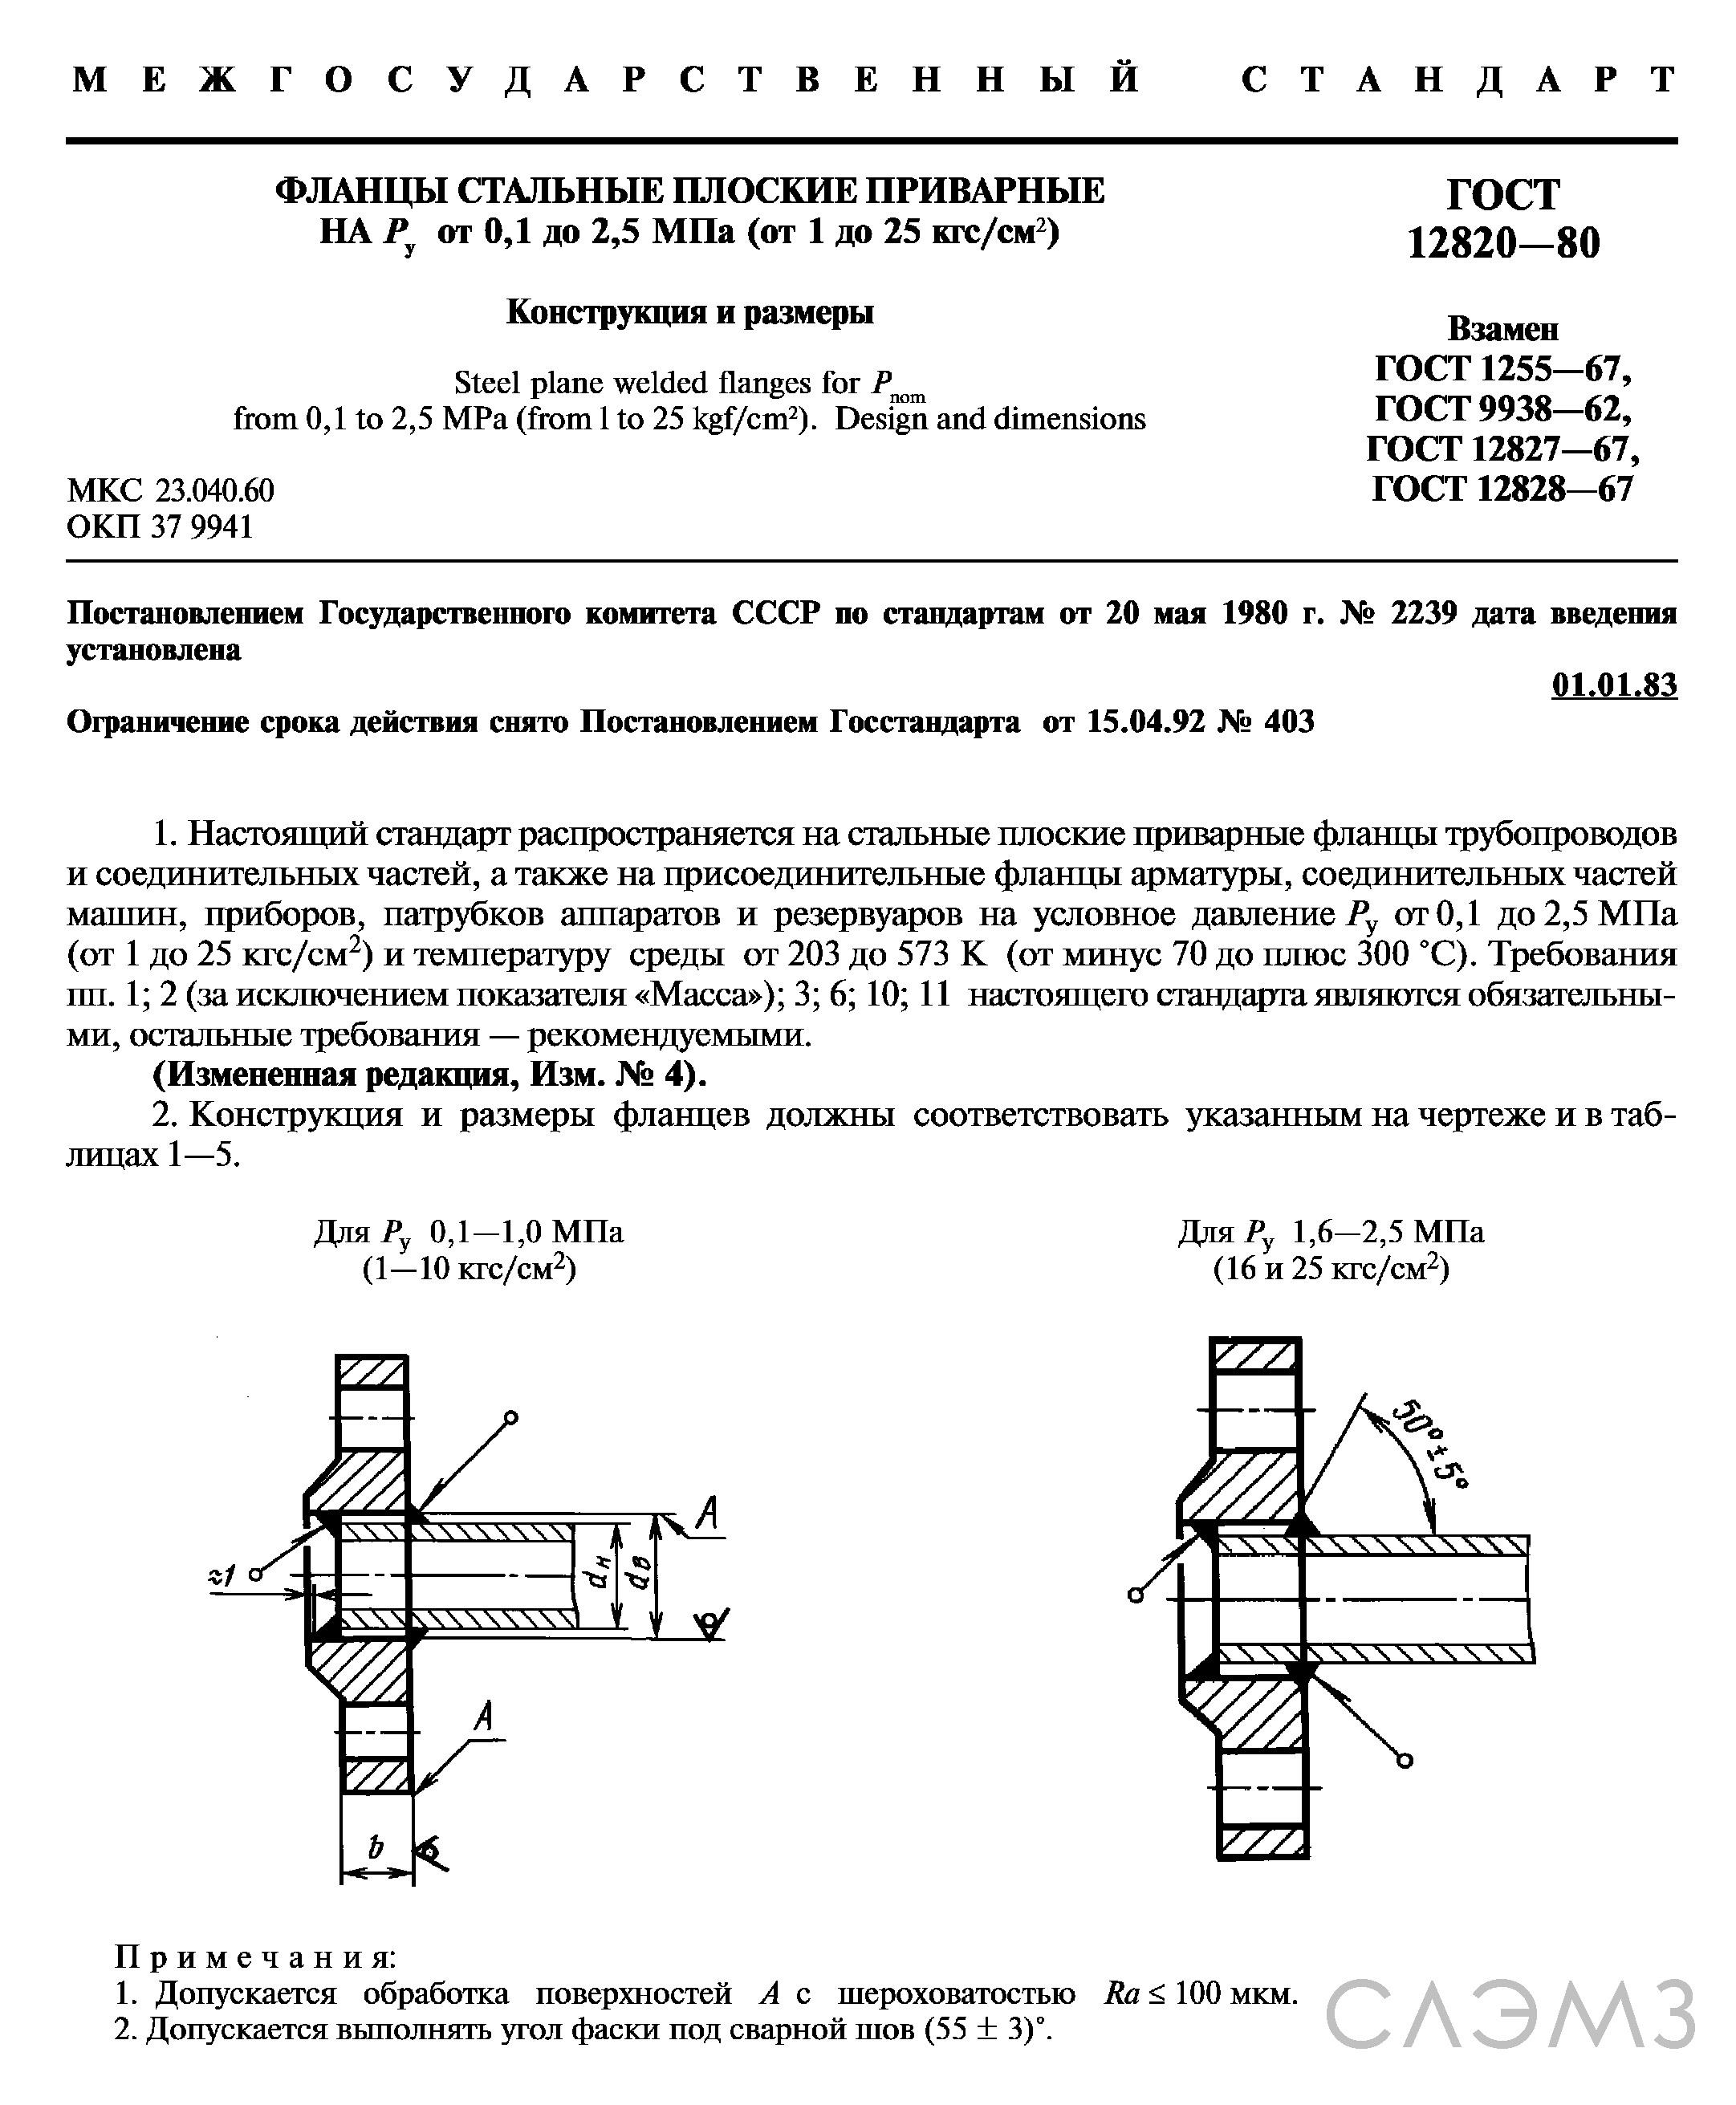 Фланец стальной ГОСТ 12820-80 80